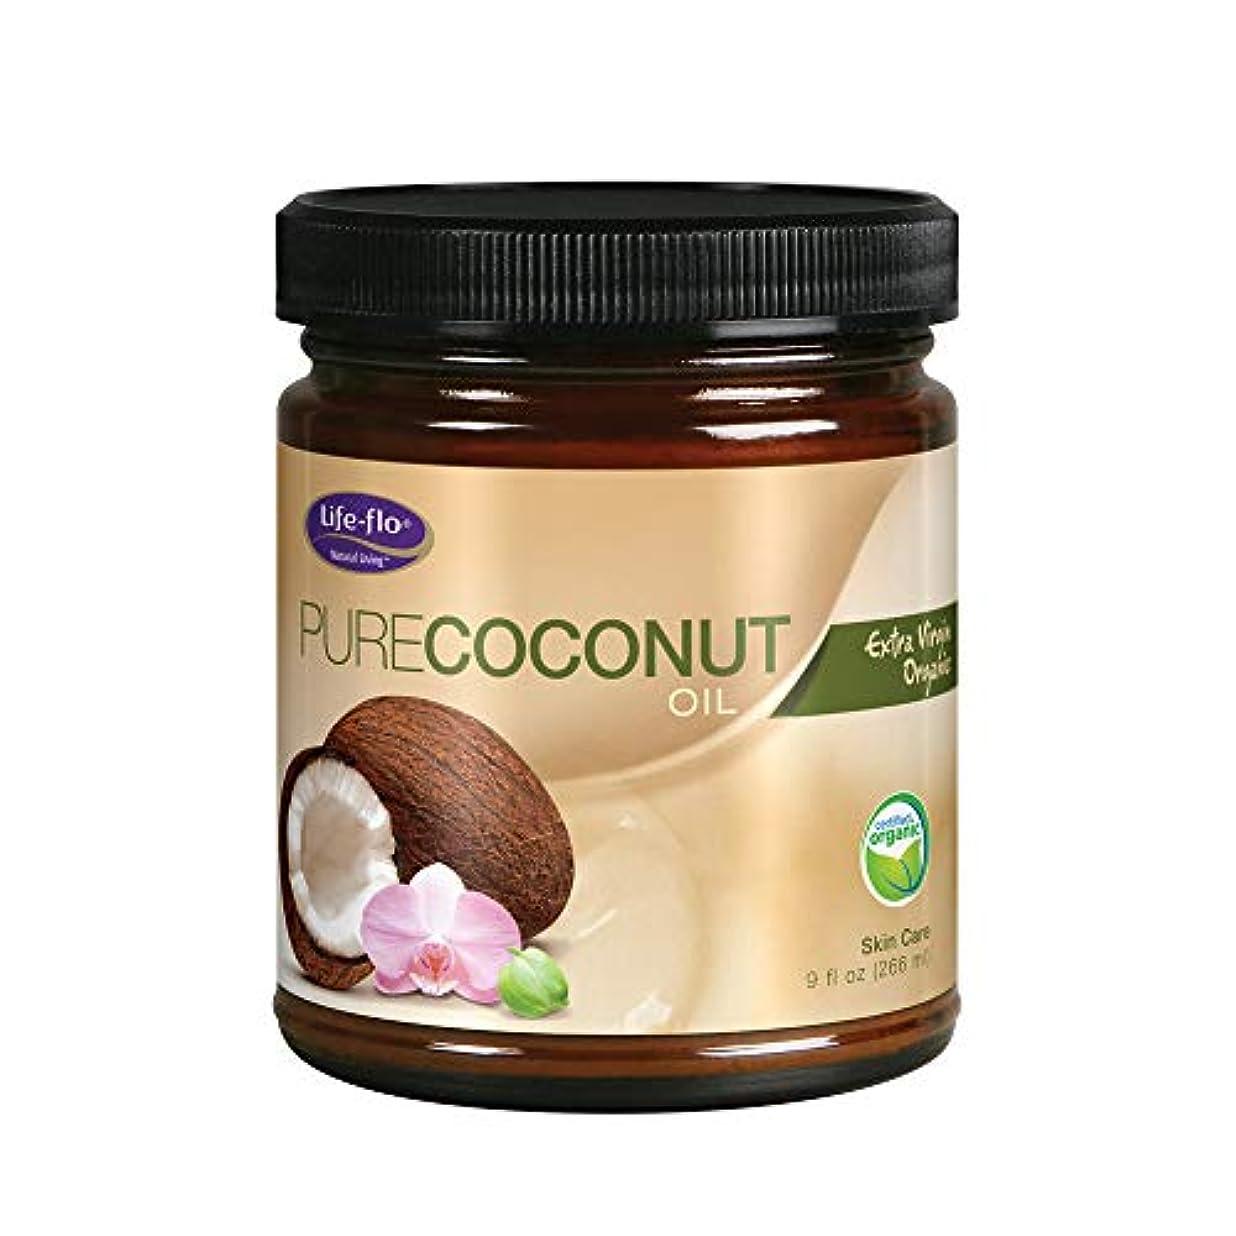 反論夜間和らげる海外直送品Life-Flo Pure Coconut Oil Organic Extra Virgin, 9 oz